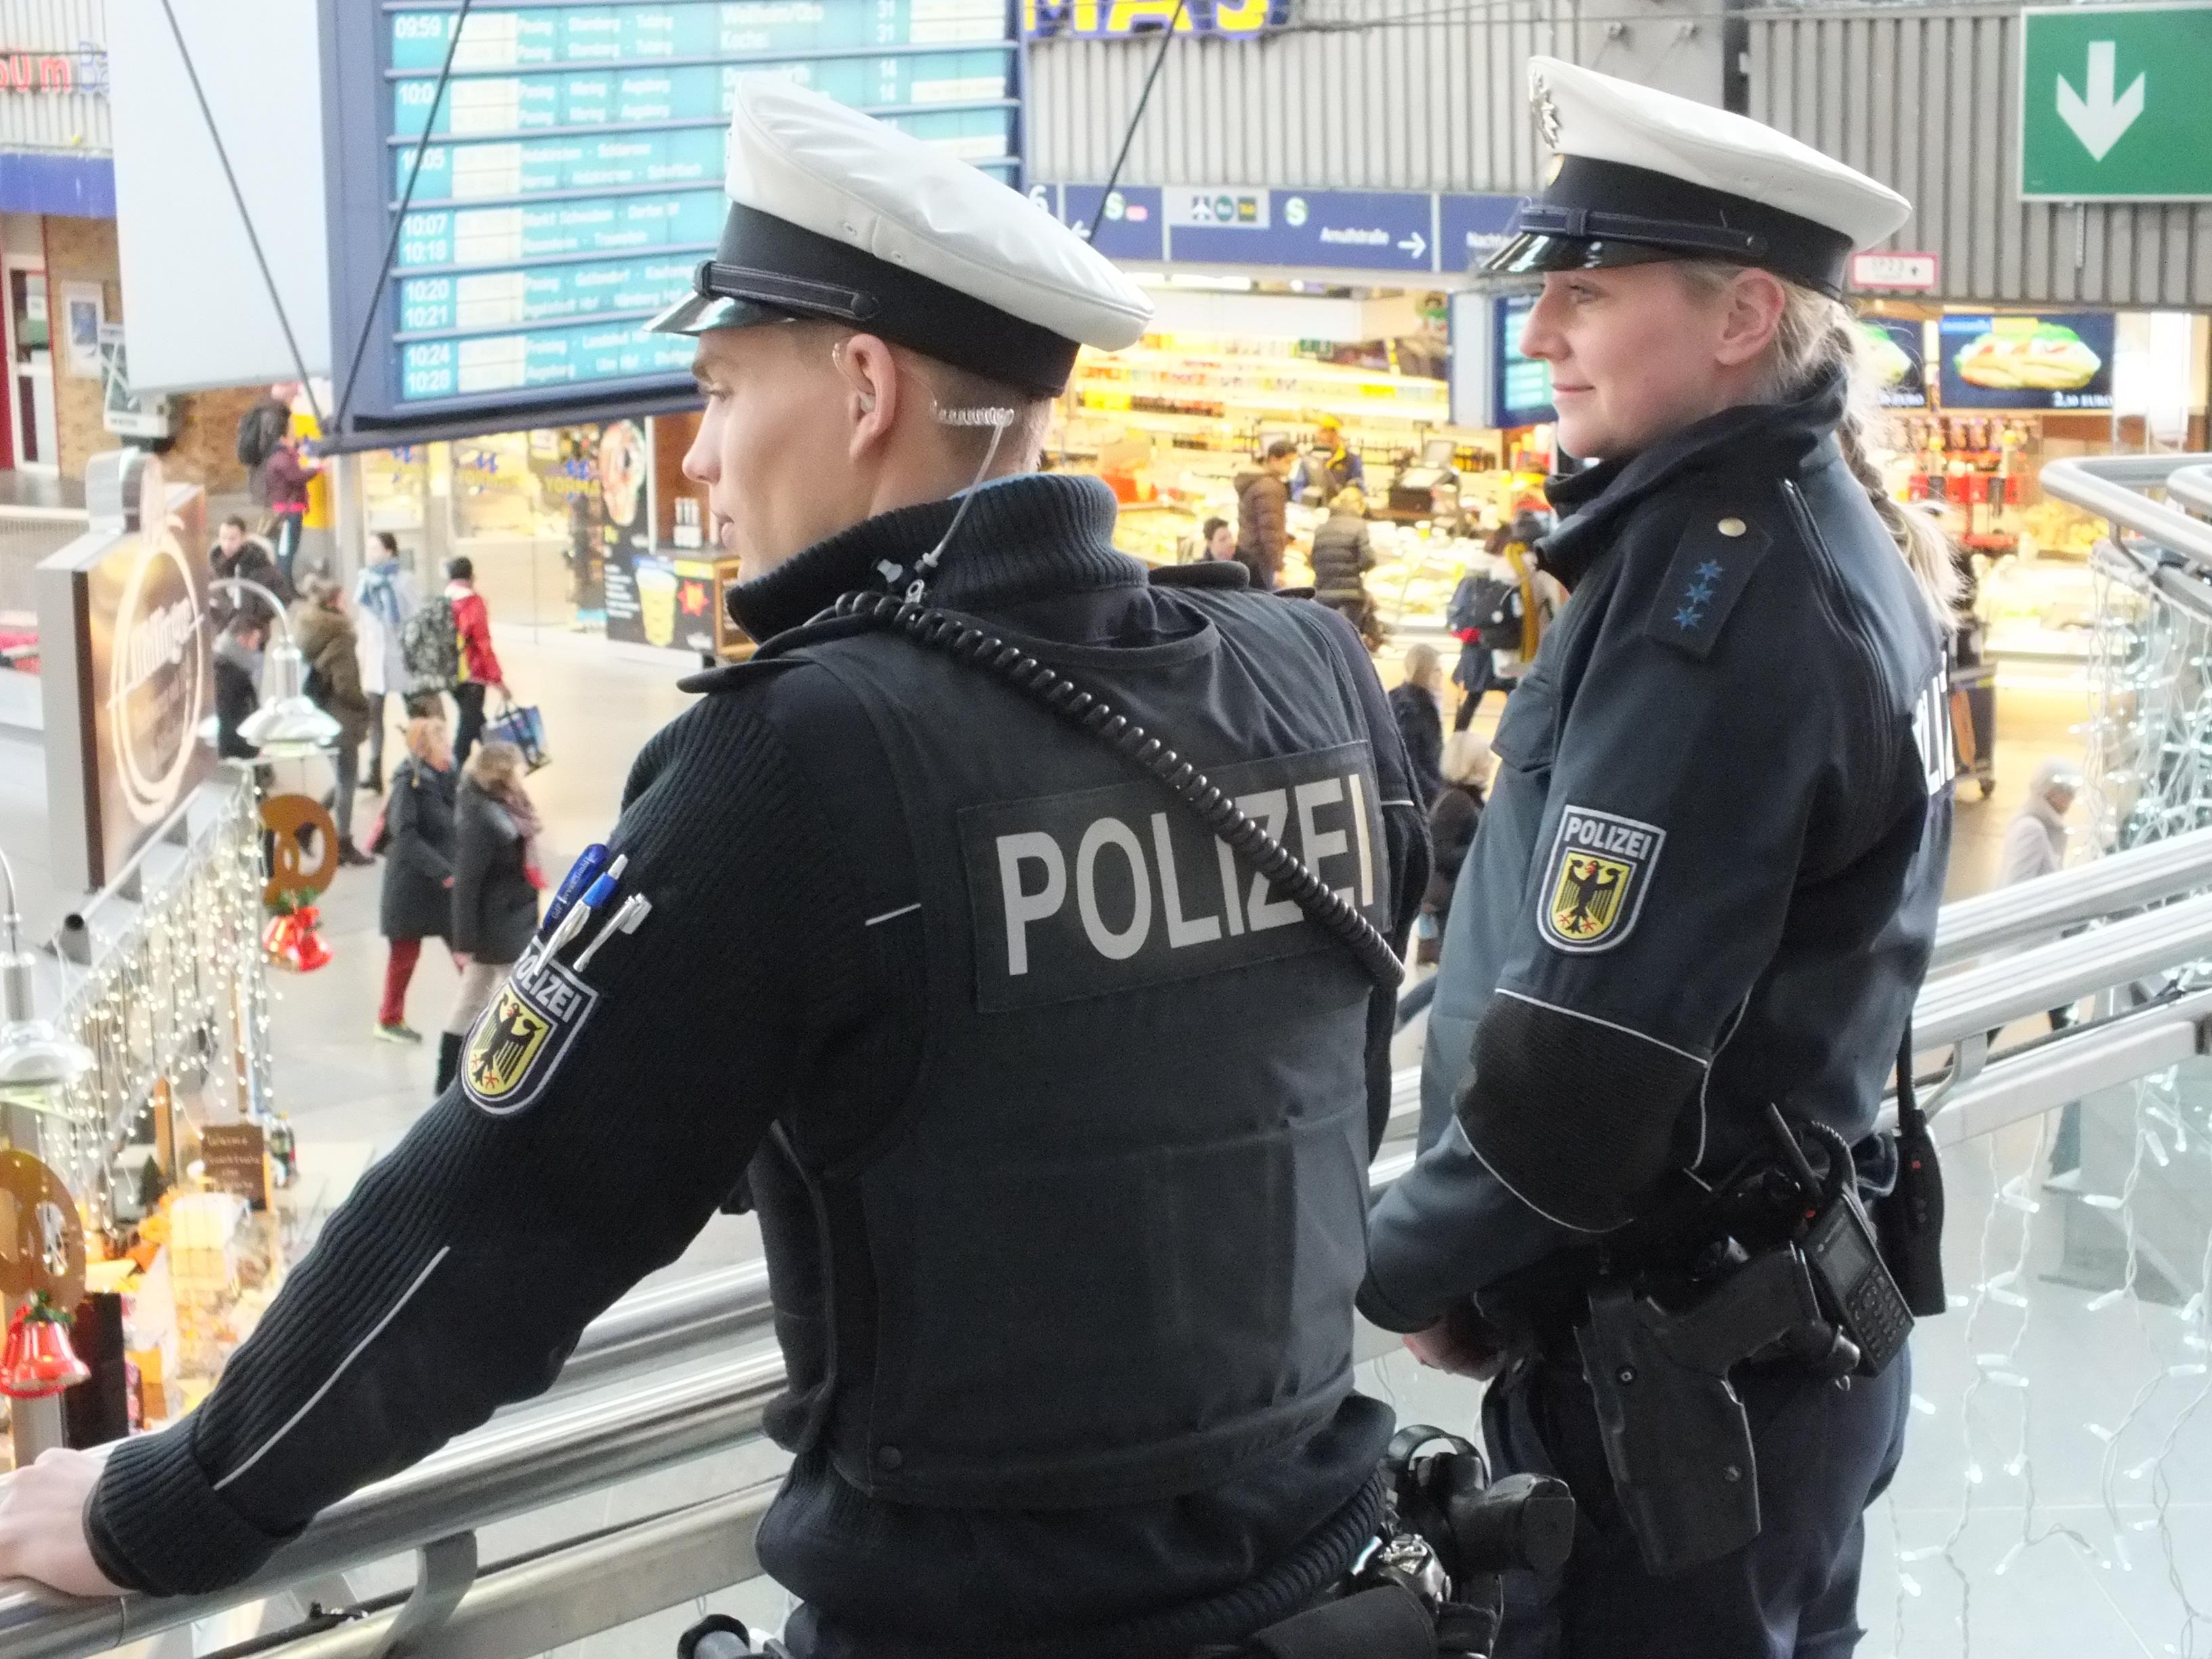 ألمانيا :إجراءات بنيوية حاسمة لمواجهة احتمالات الإرهاب السنوات المقبلة